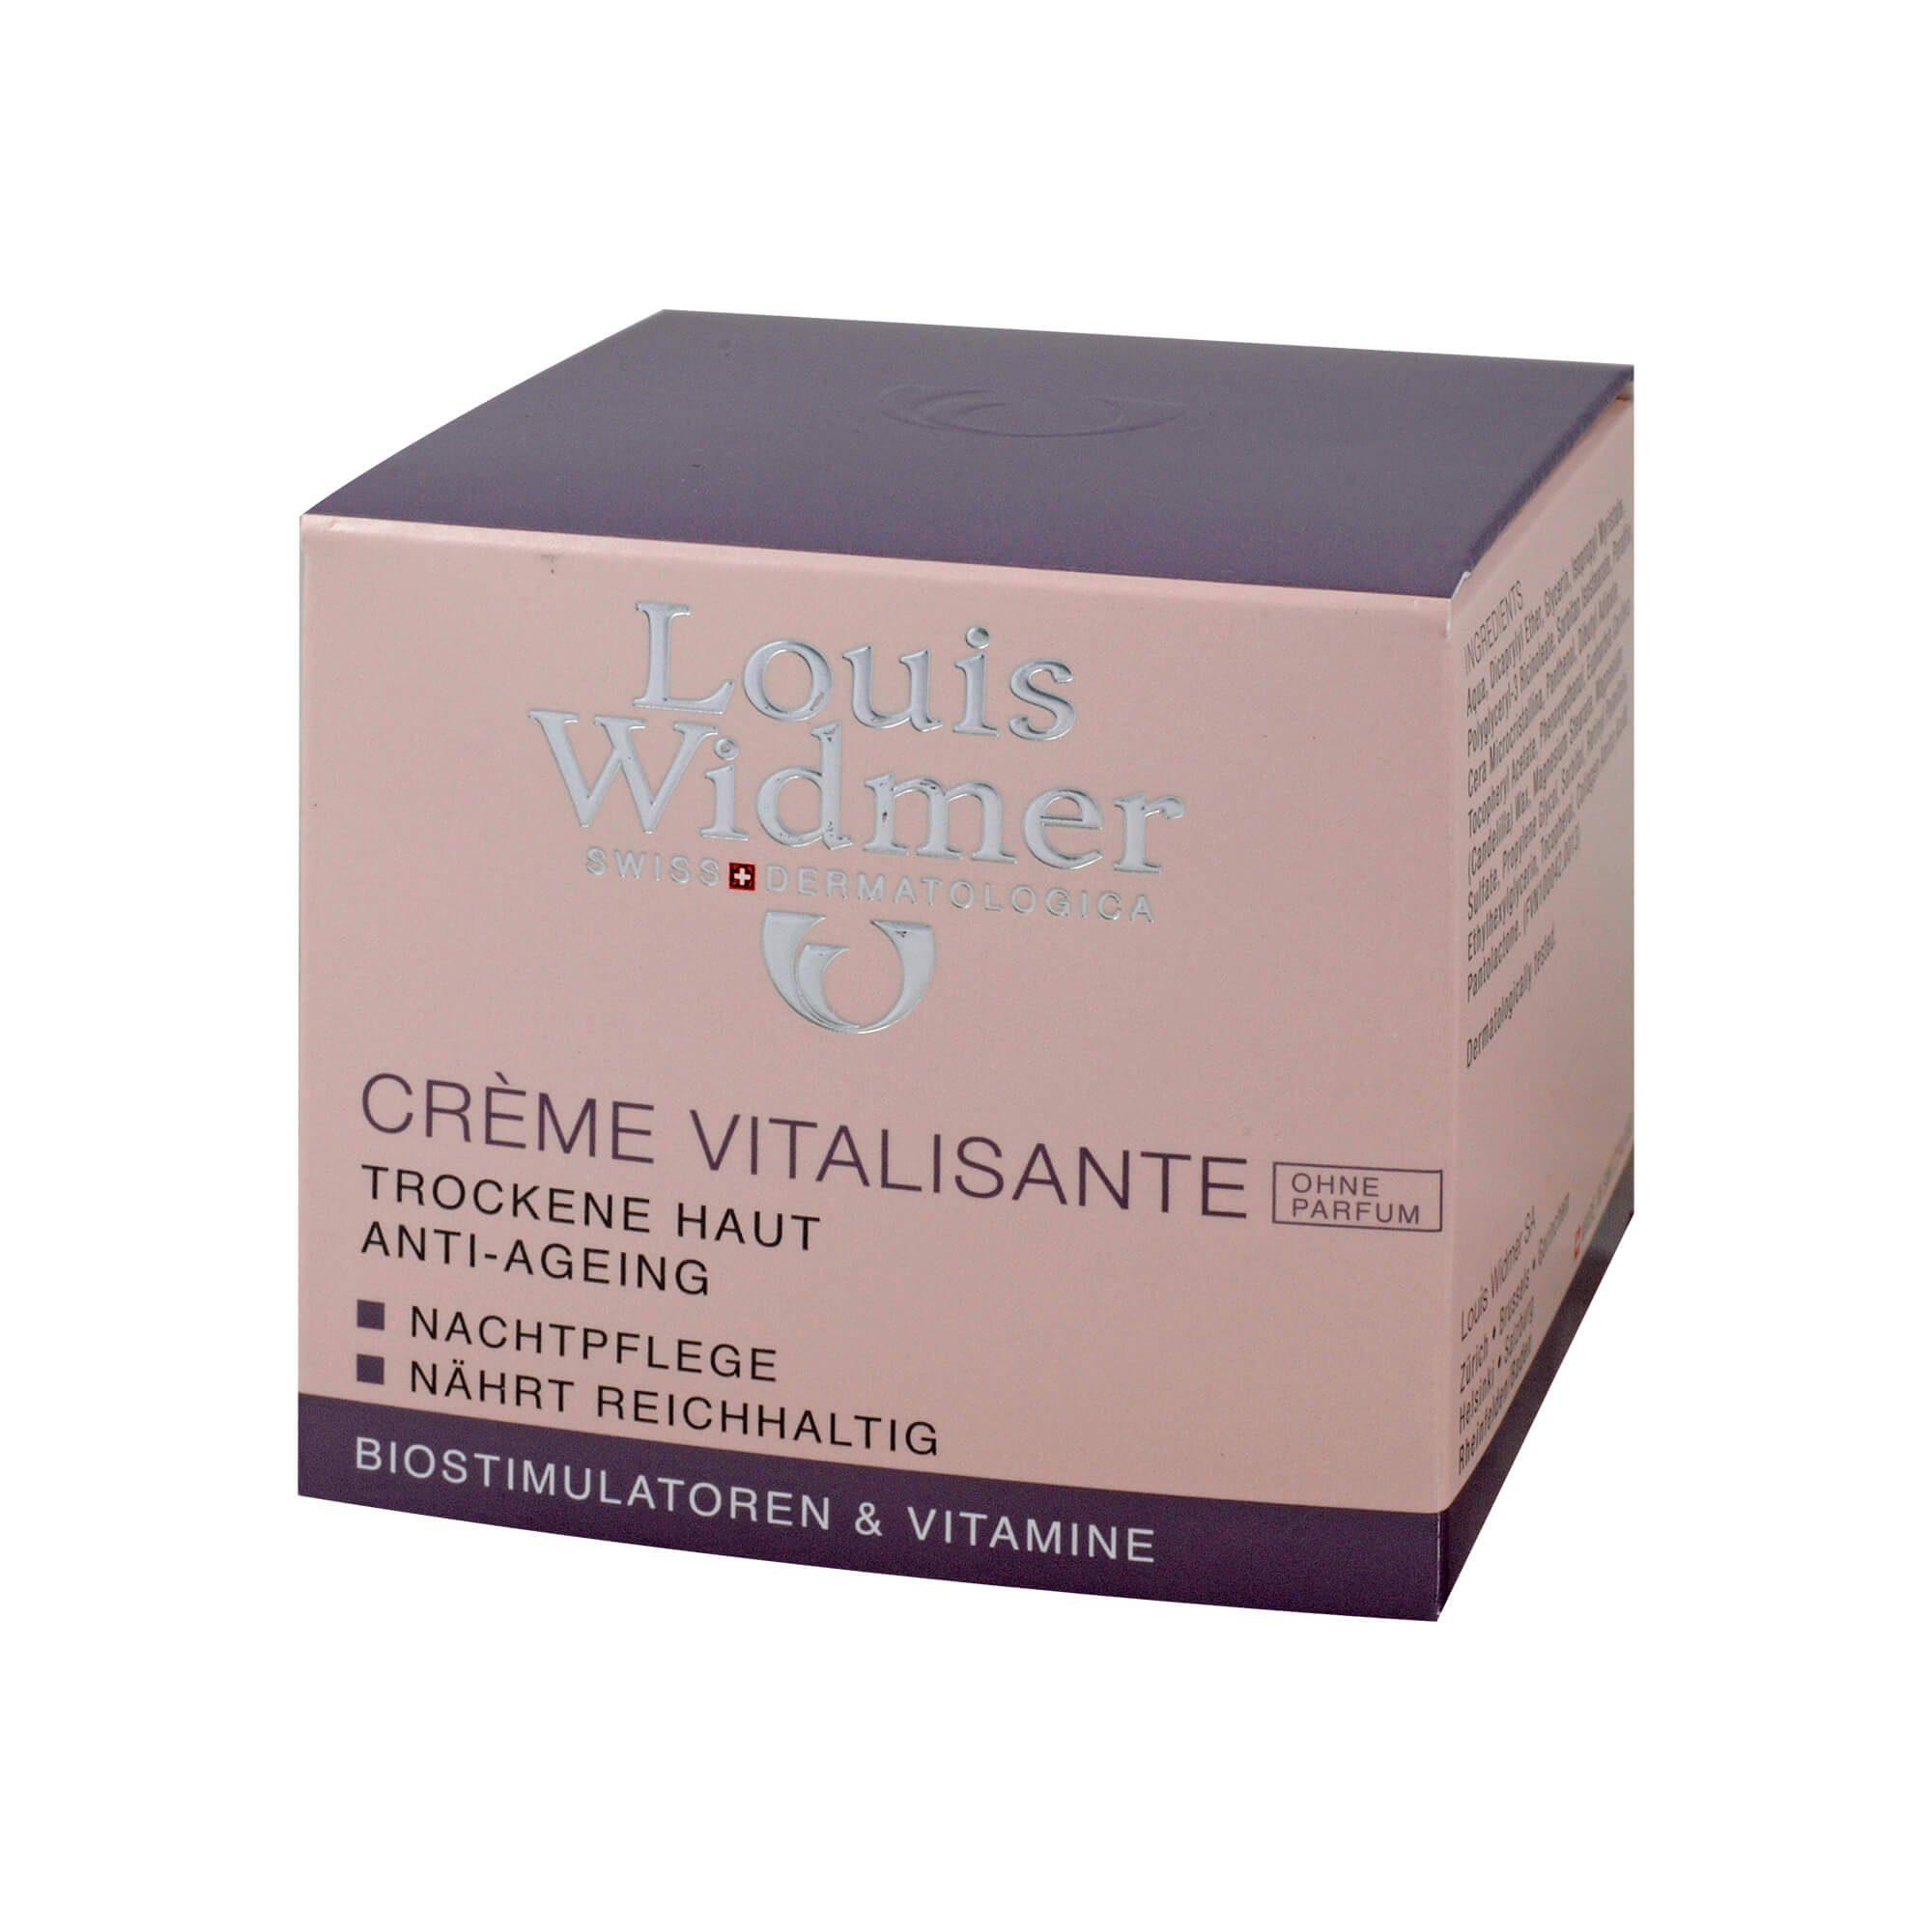 Widmer Creme Vitalisante unparfümiert Antifalten Nachtpflege , 50 ml